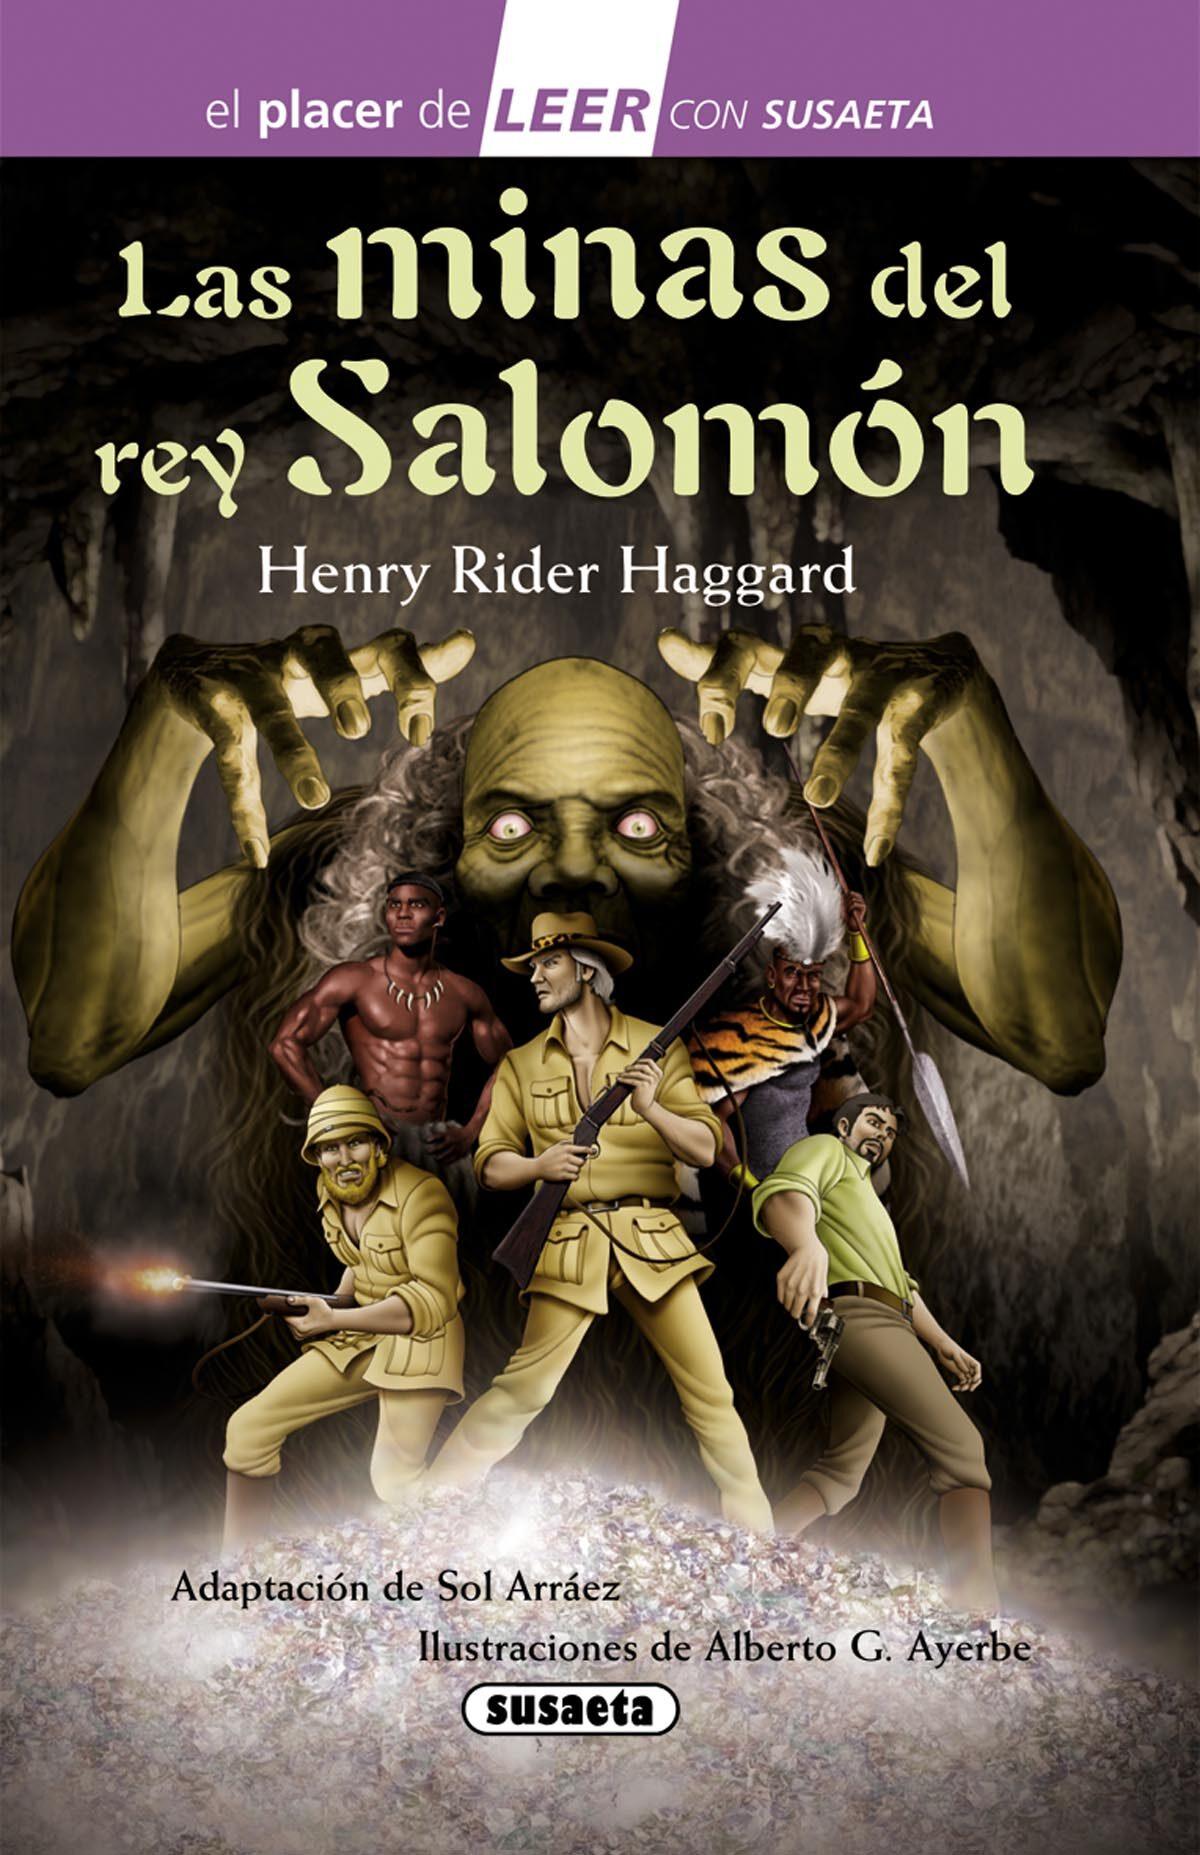 las minas del rey salomon libro bilaketarekin bat datozen irudiak